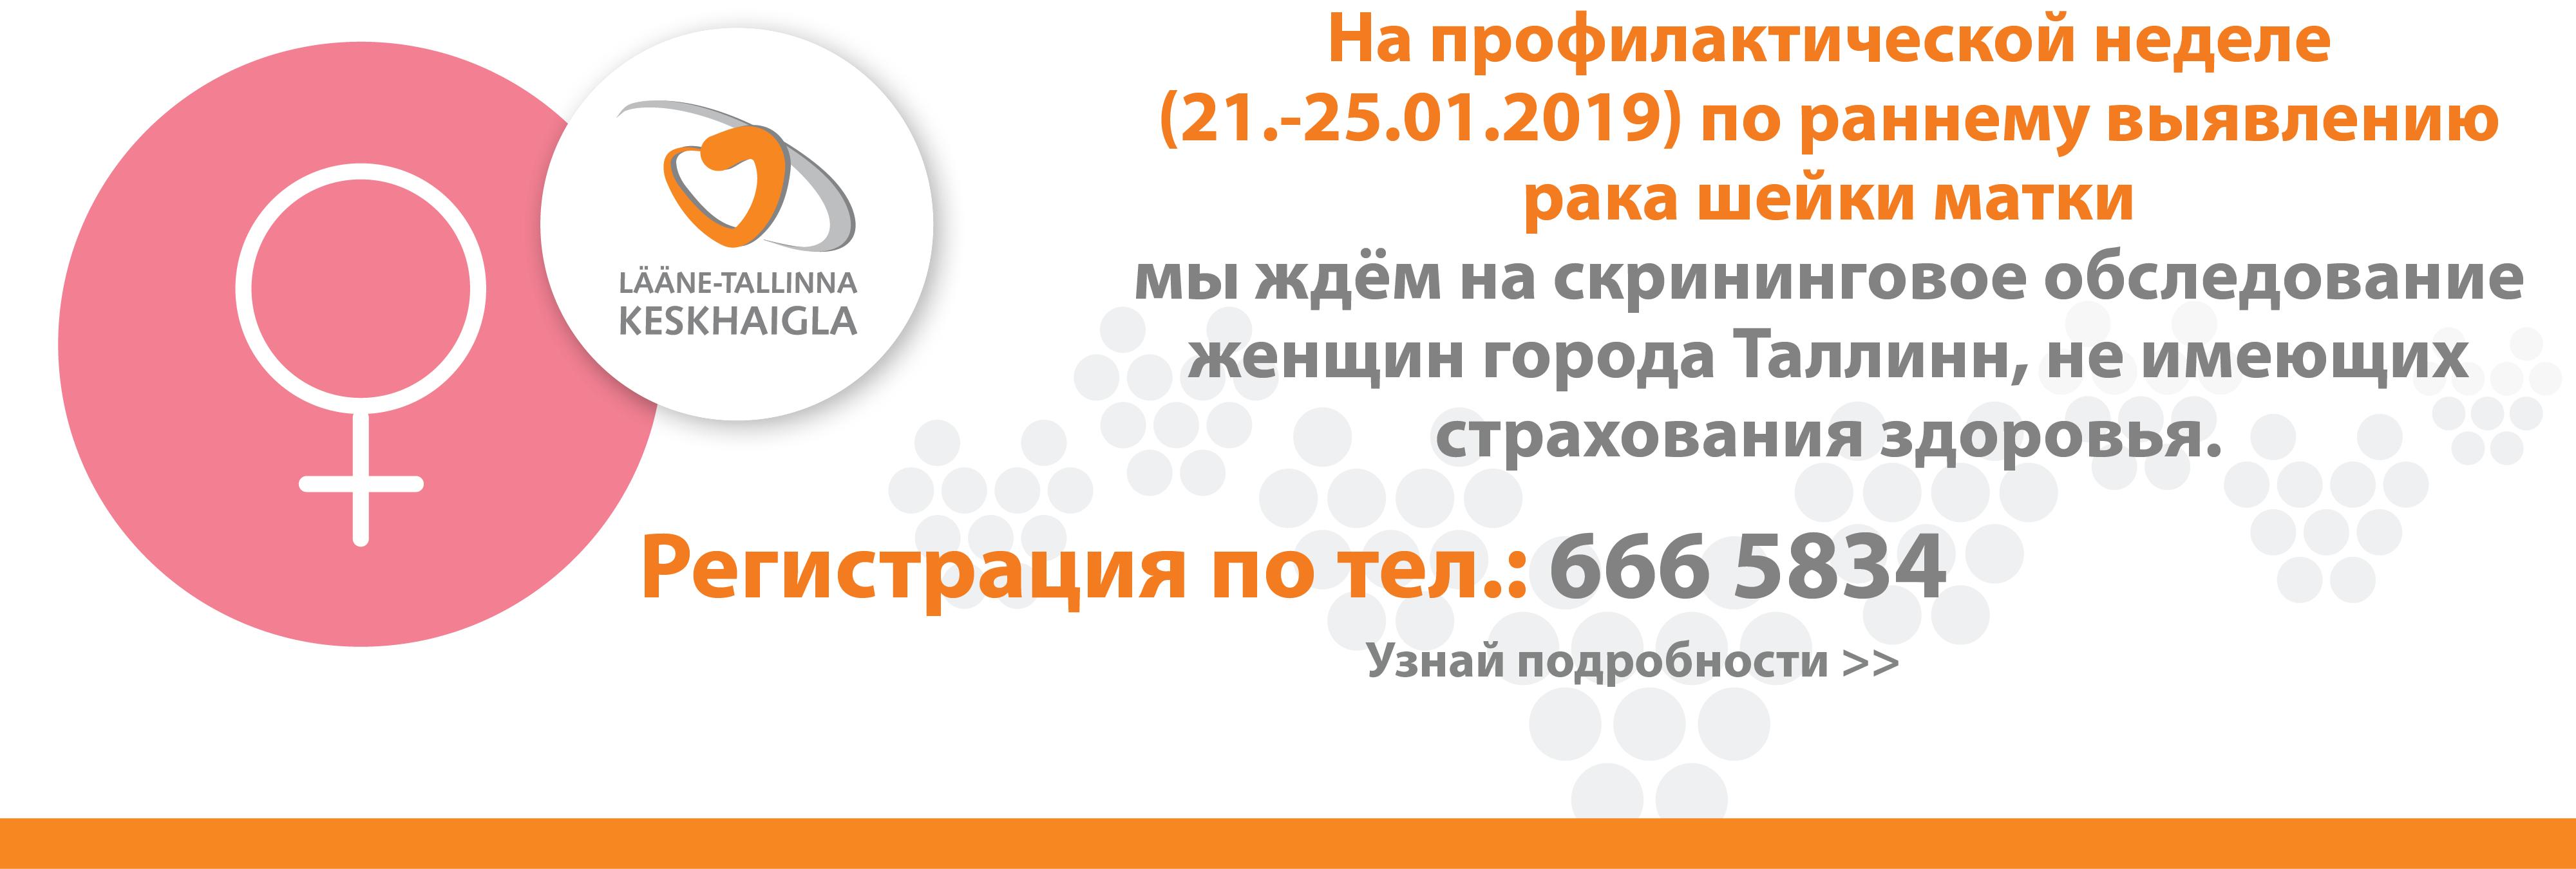 slider_emakakaela-ennetus-RUS